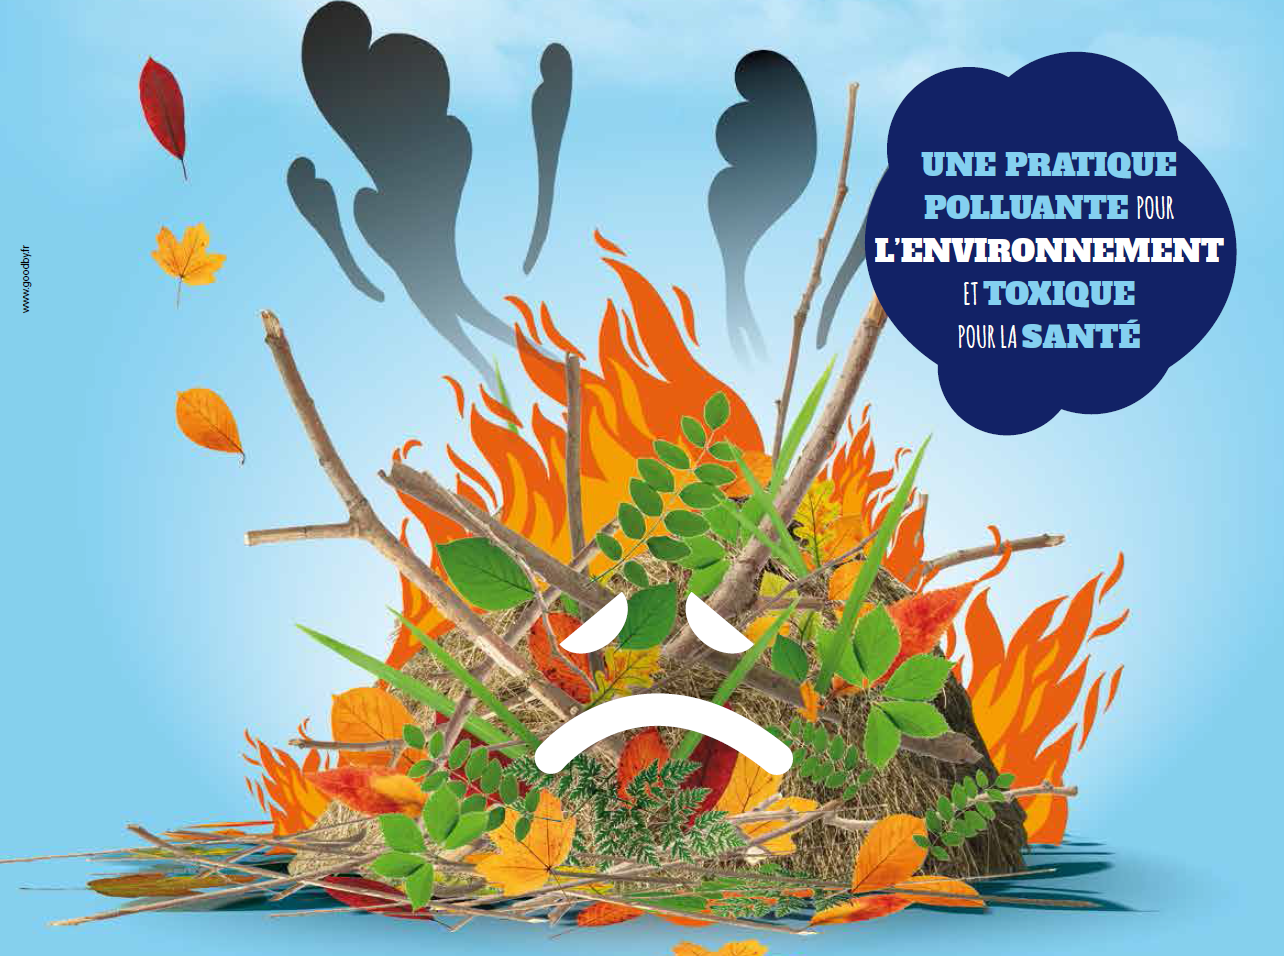 Rappel: interdiction de brûler les déchets vert.